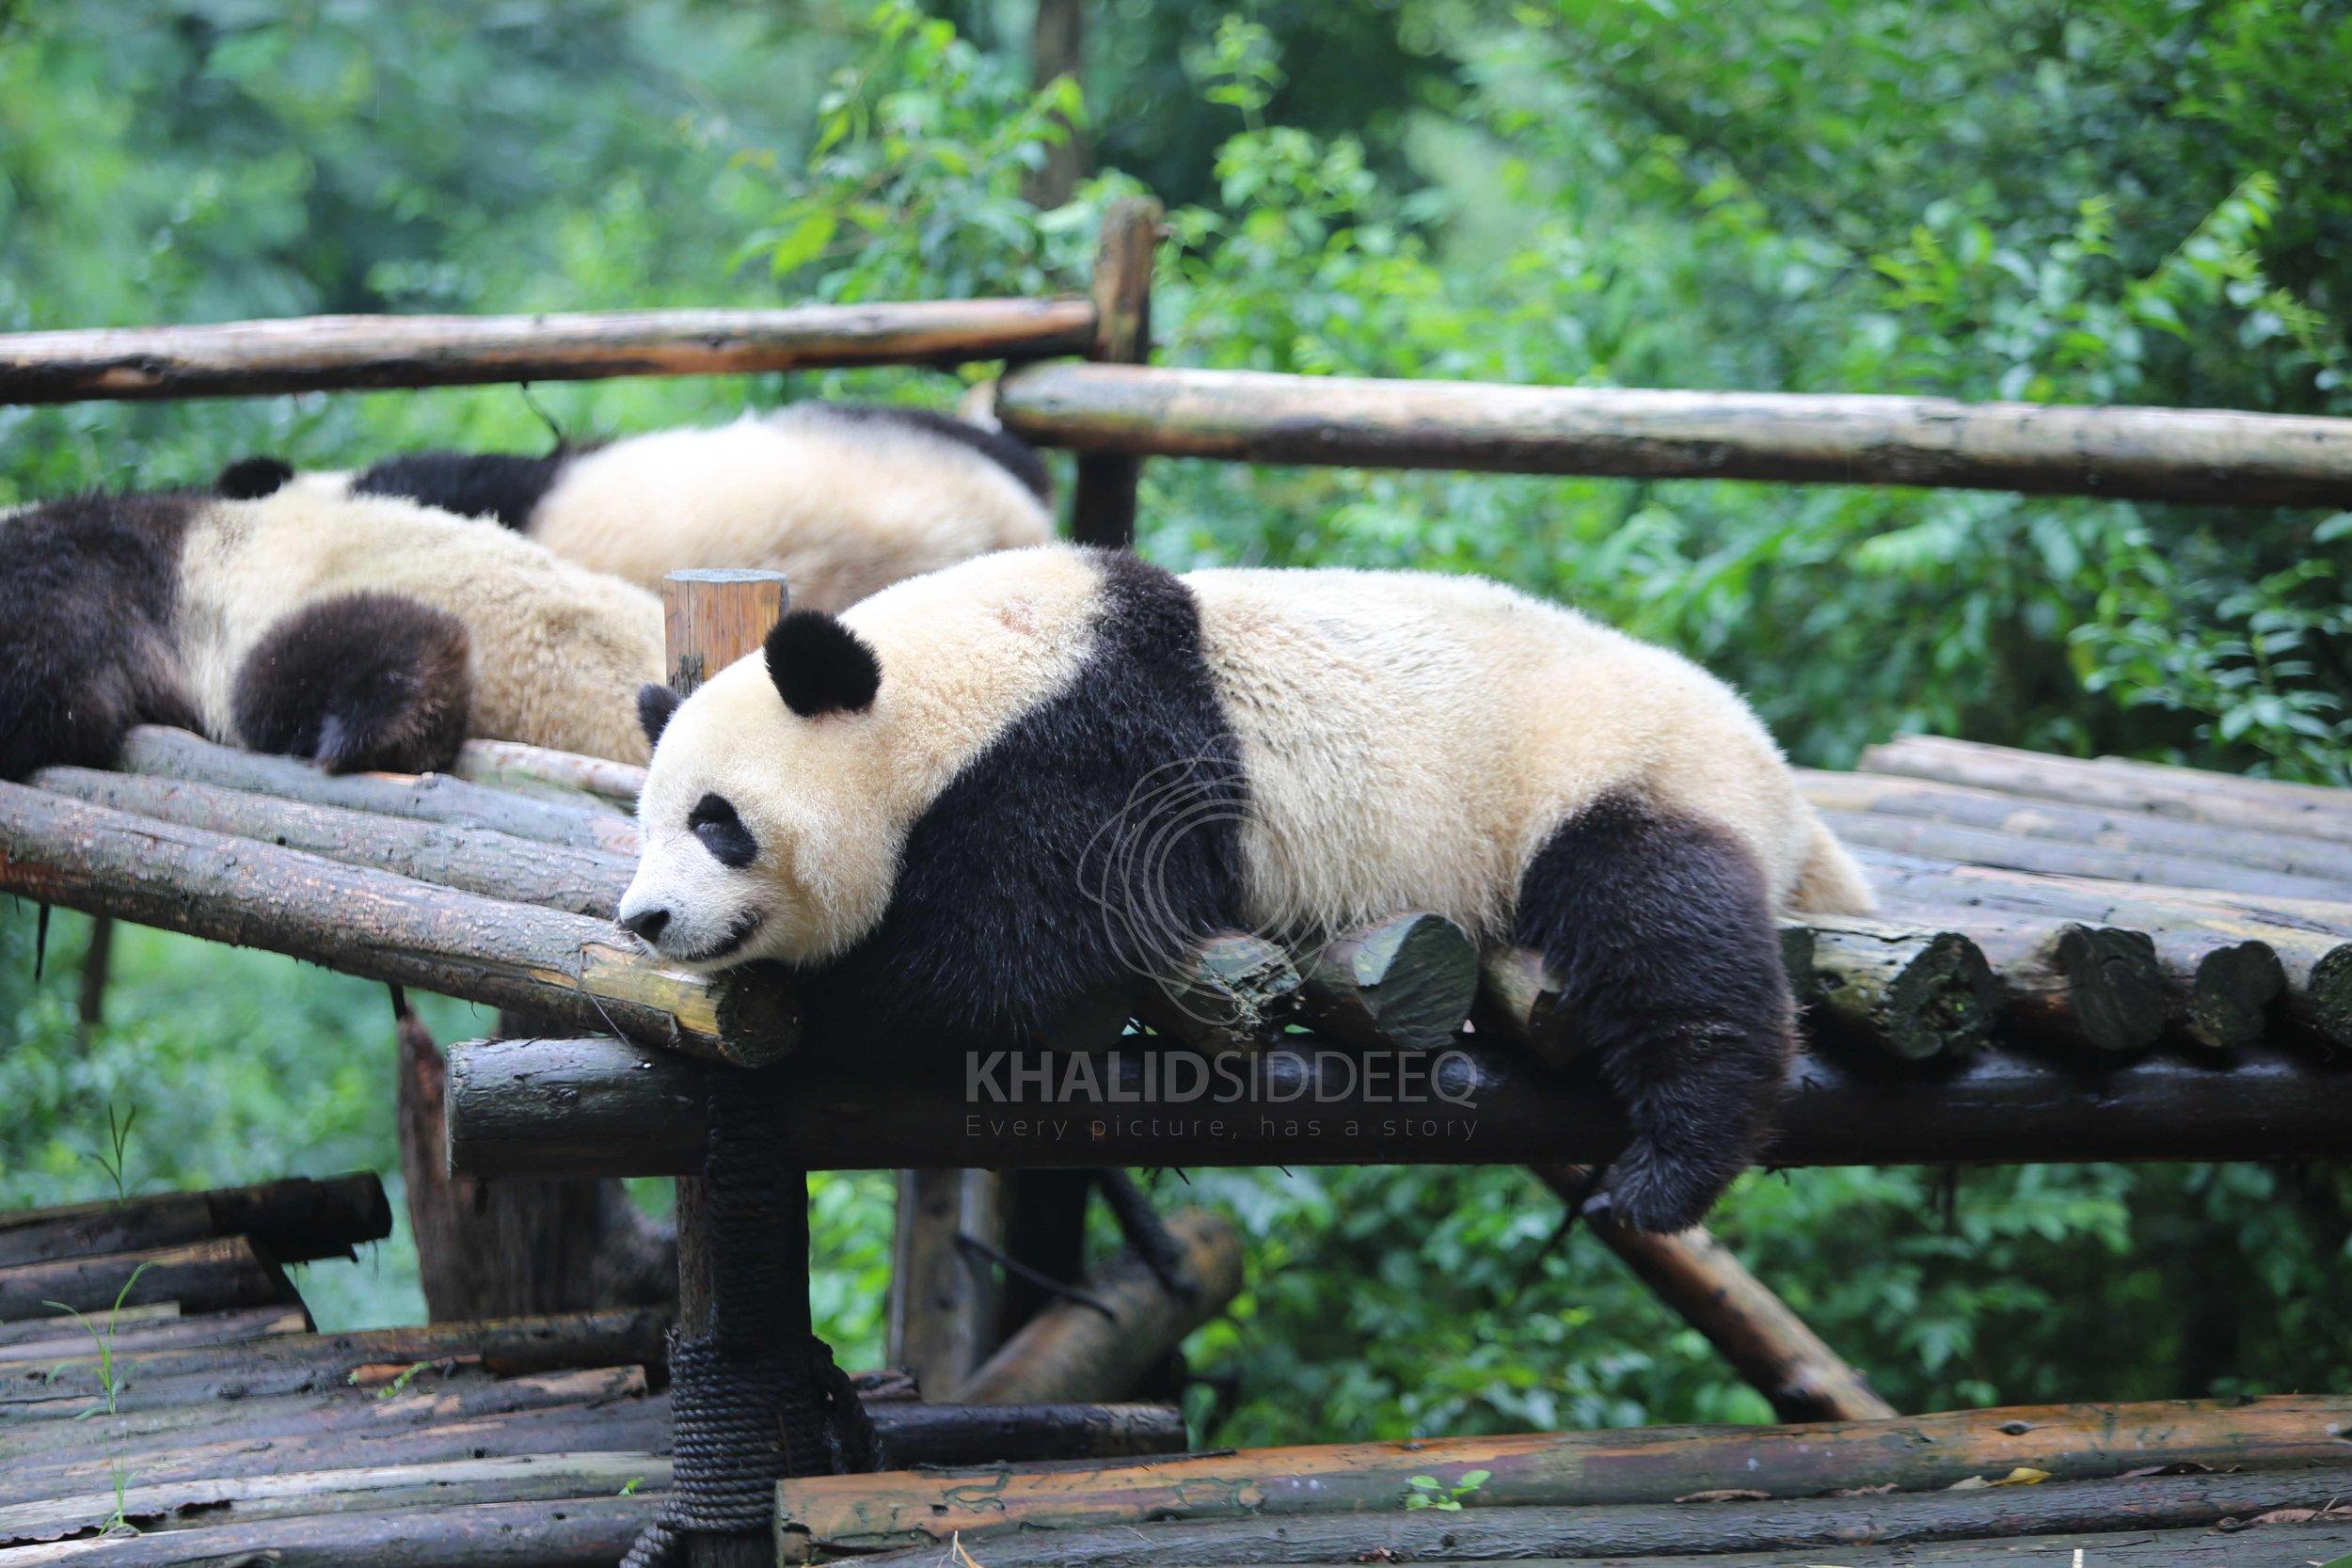 حيوان الباندا وهو نائم في مقر اقامته